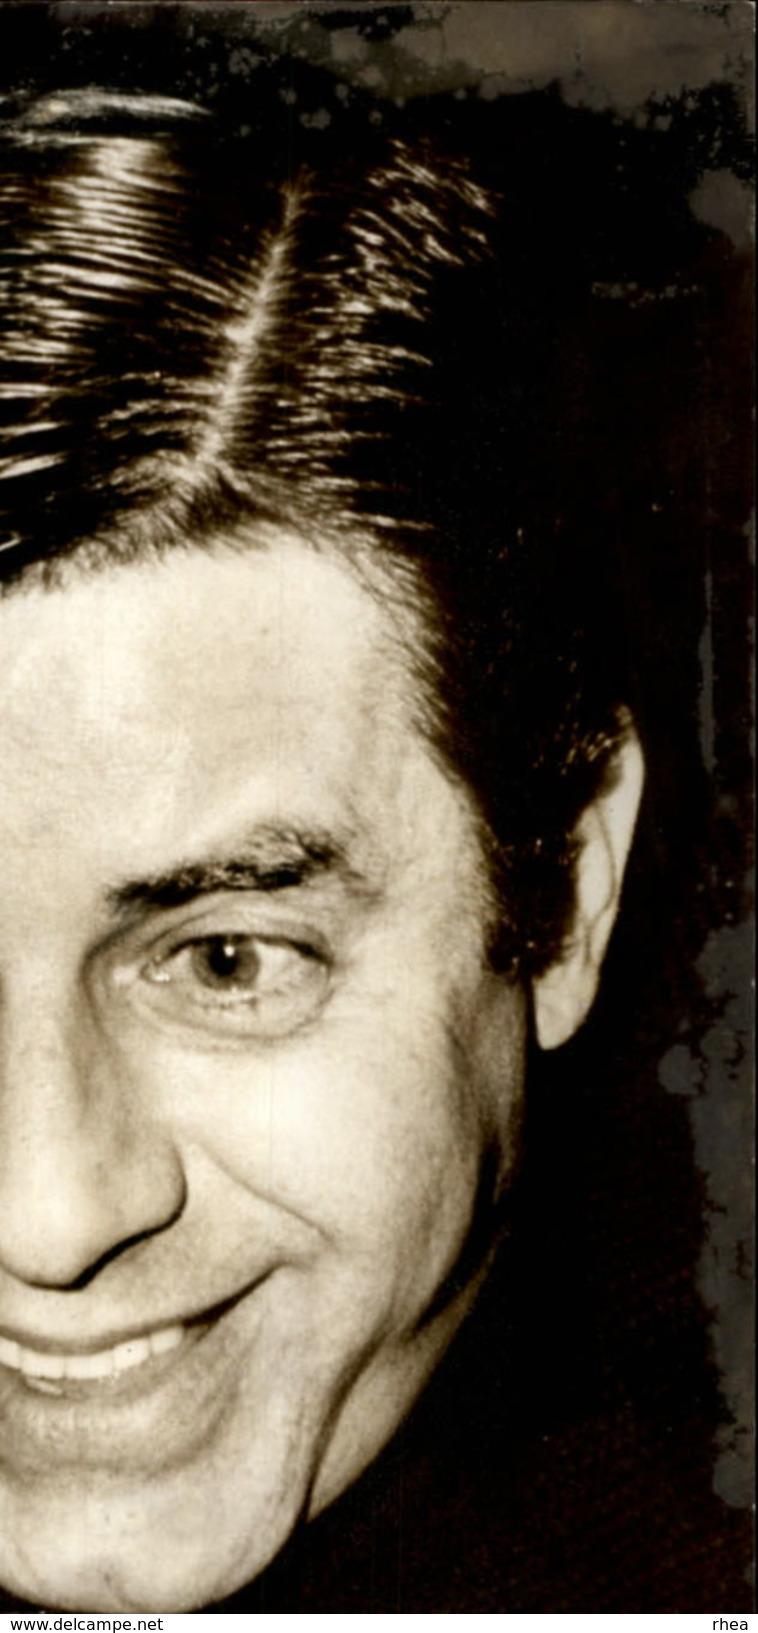 PHOTO - Photo De Presse - Acteurs - JERRY LEWIS - Acteur Américain - 1974 - Célébrités